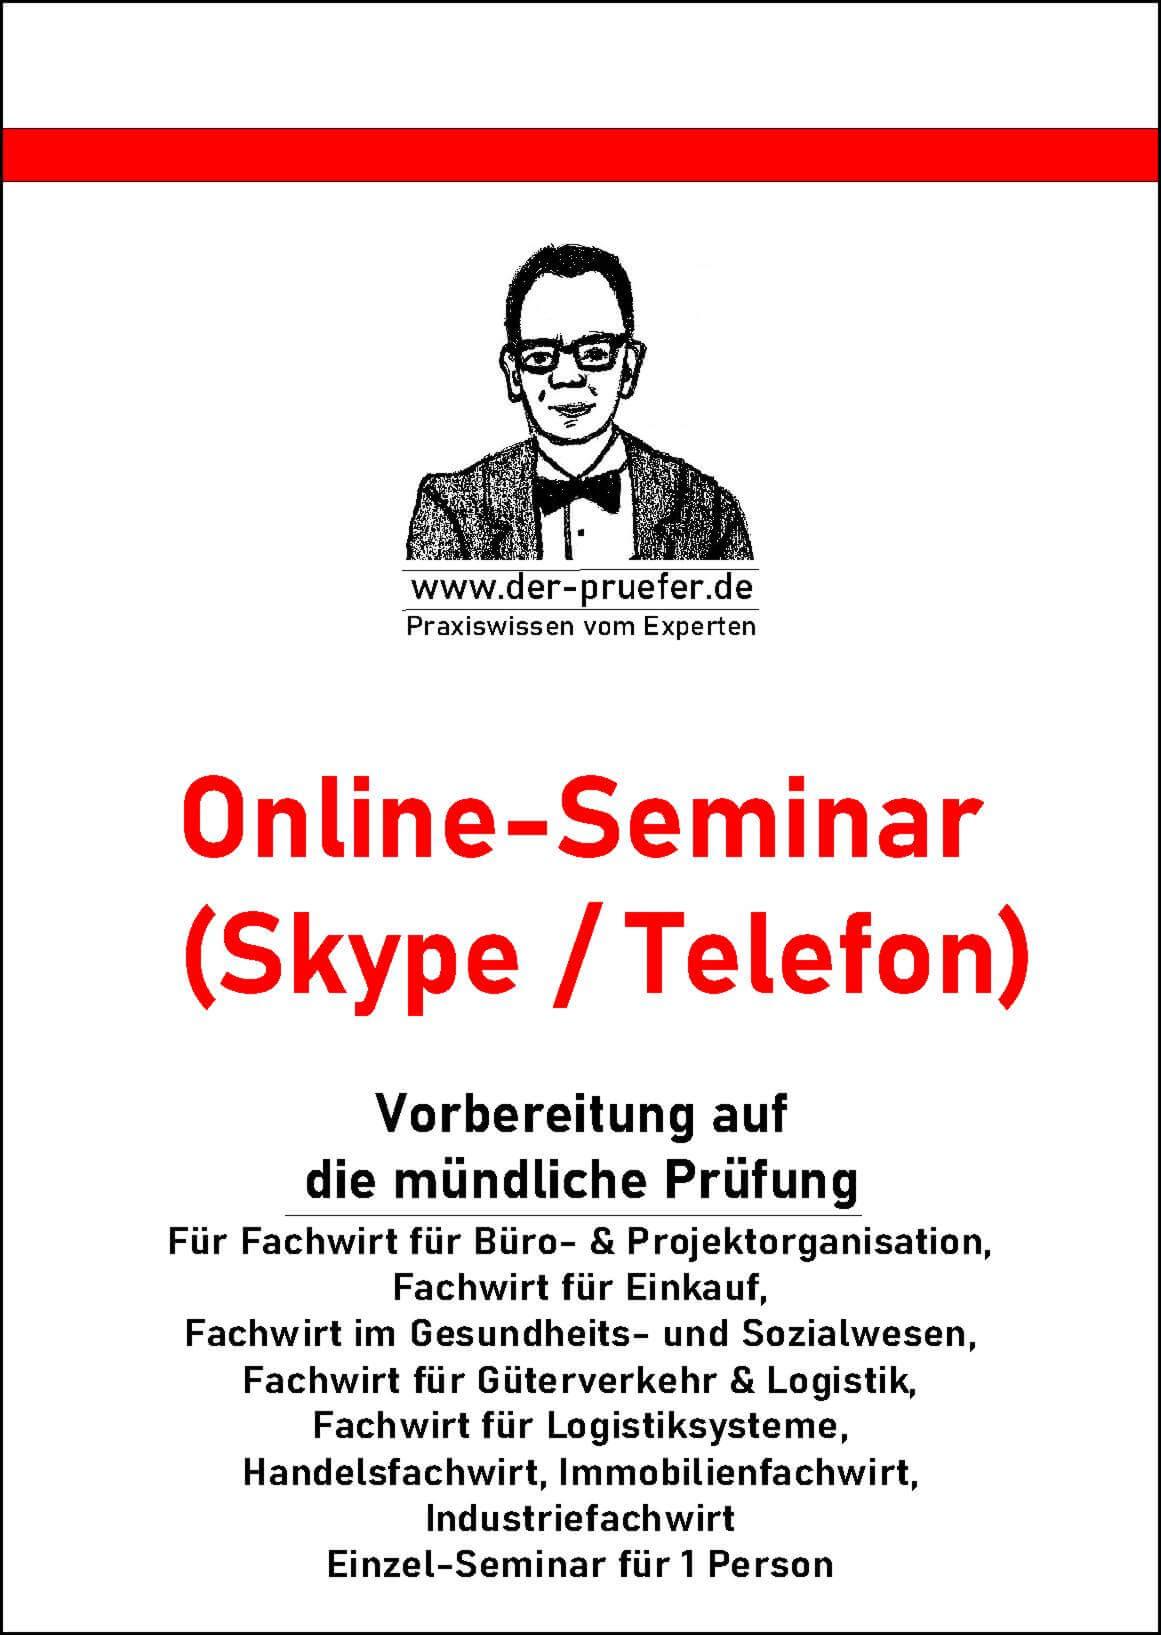 Online Seminar muendliche Pruefung - Industriefachwirt